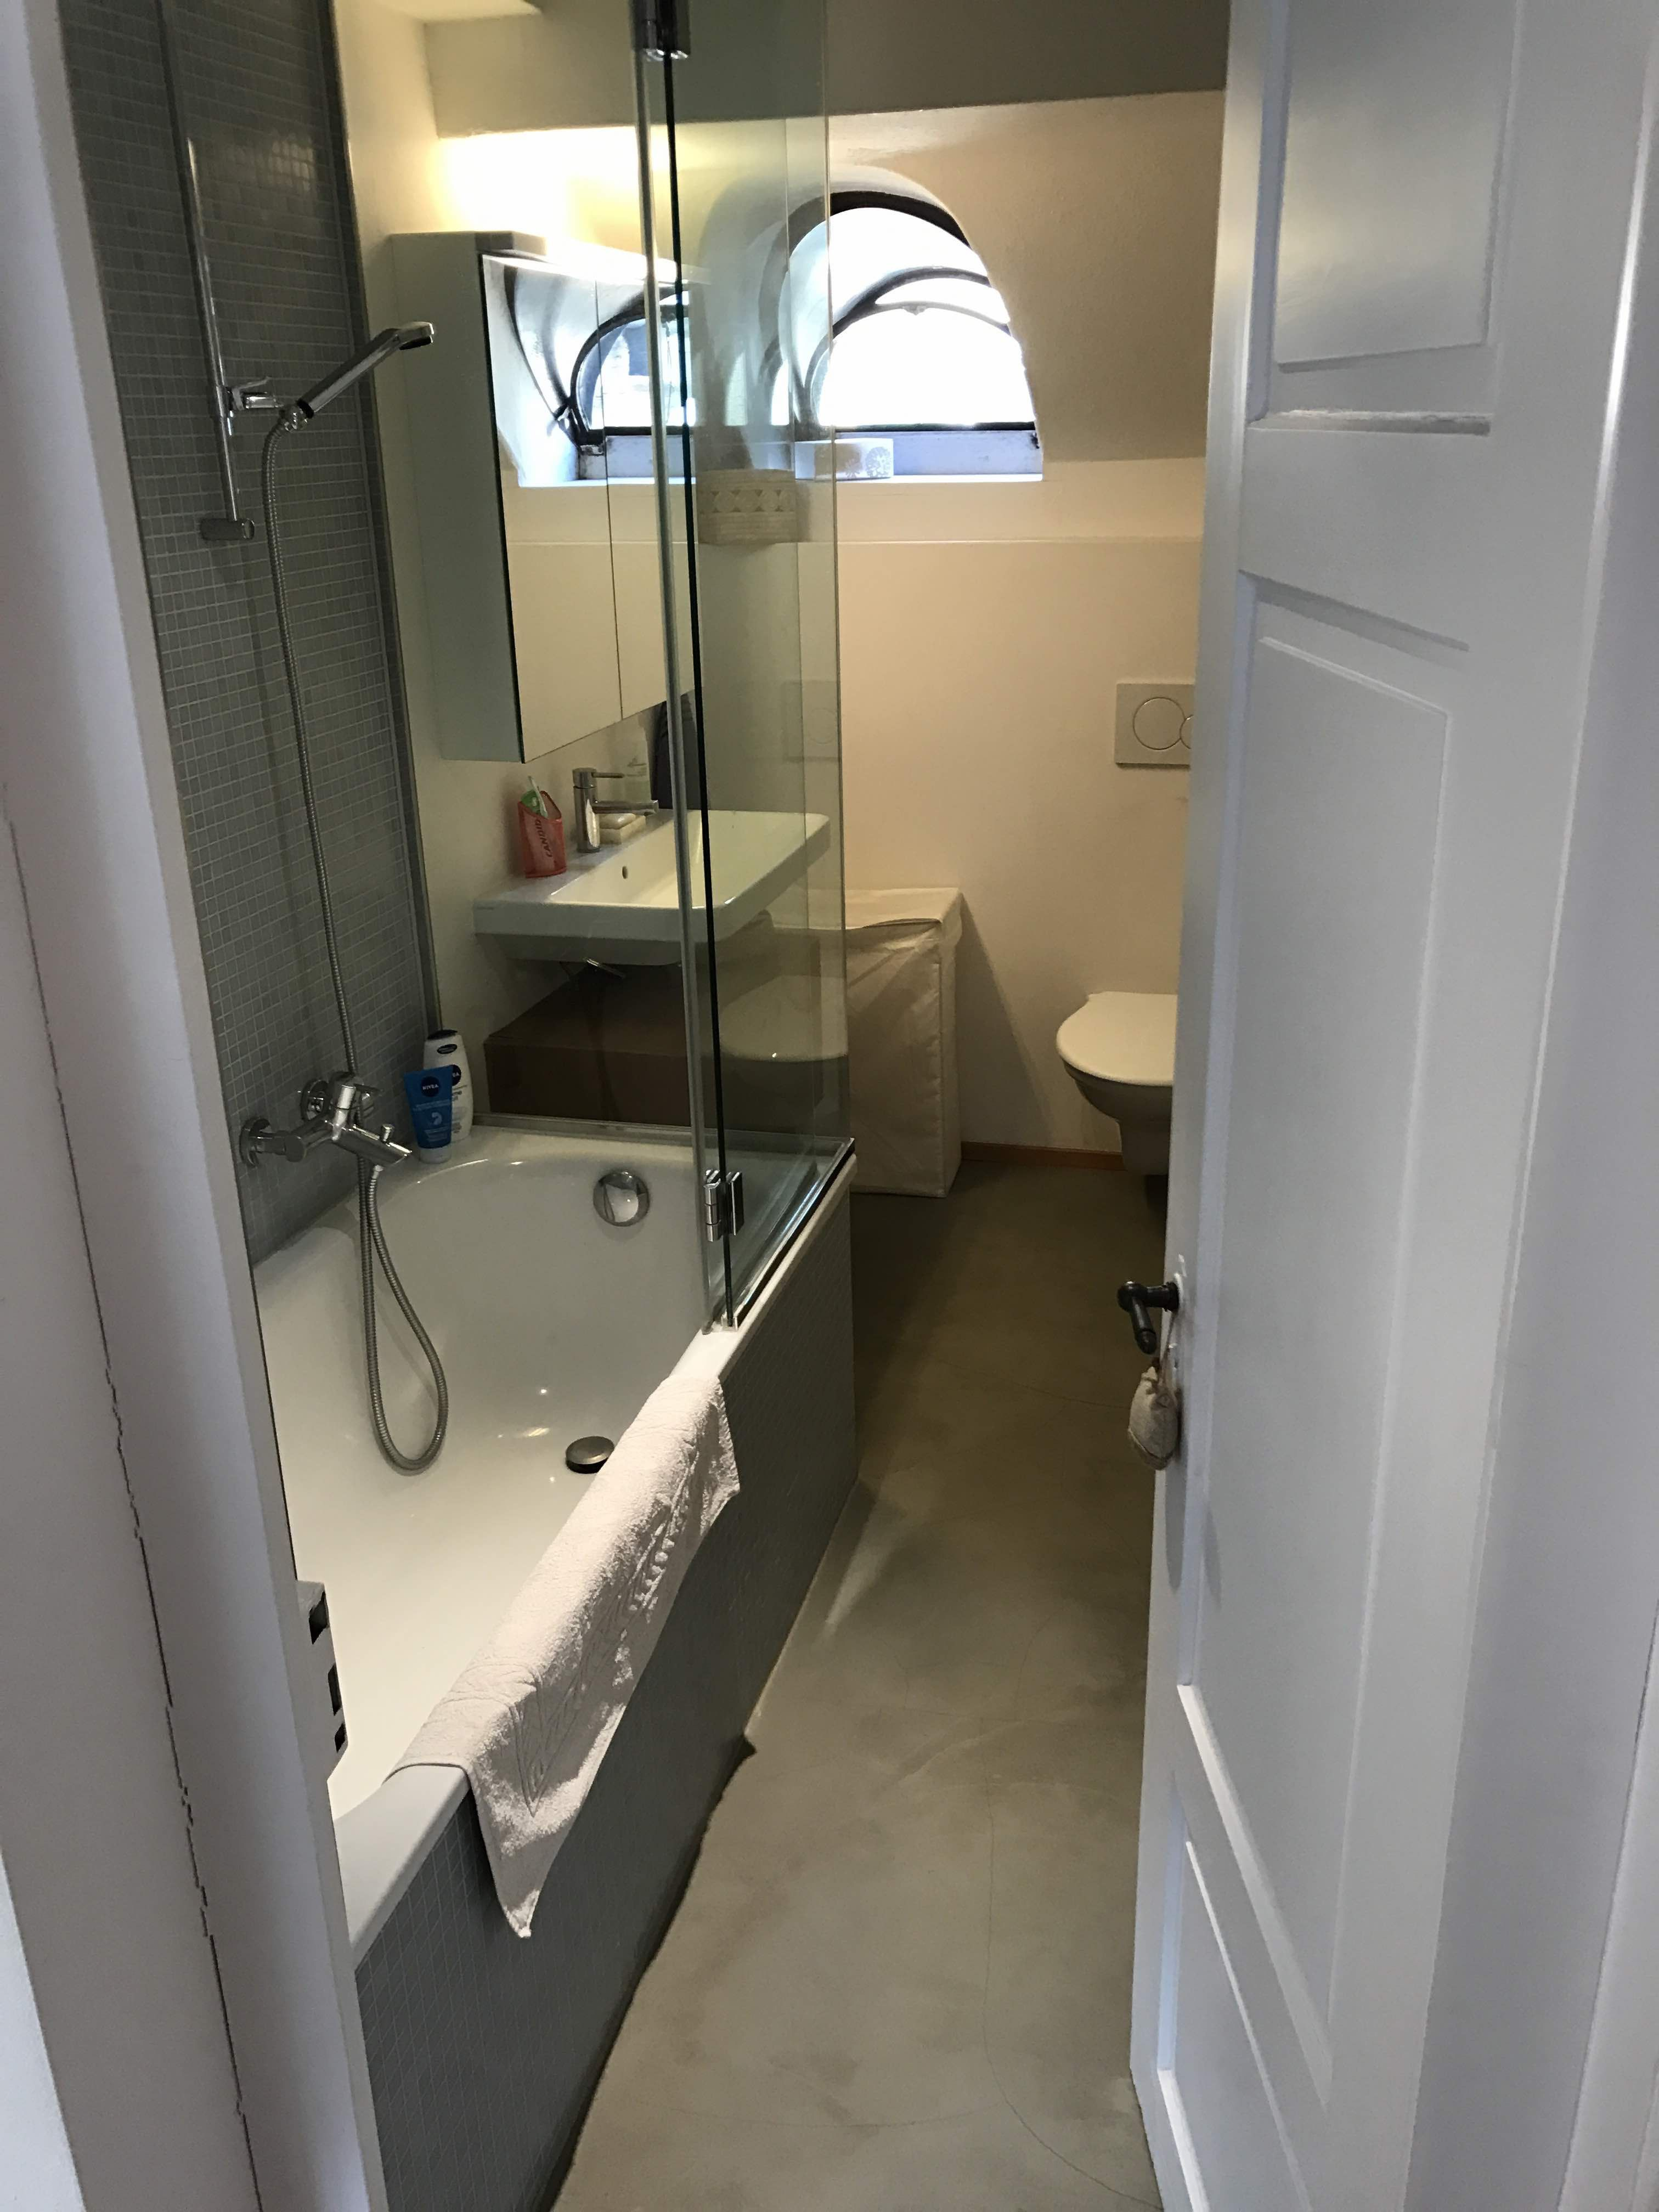 Modernes Bad mit Badewanne und Dusche, WC und Catalano Keramik, Eichenholz und als Kontrast ein Gussboden.